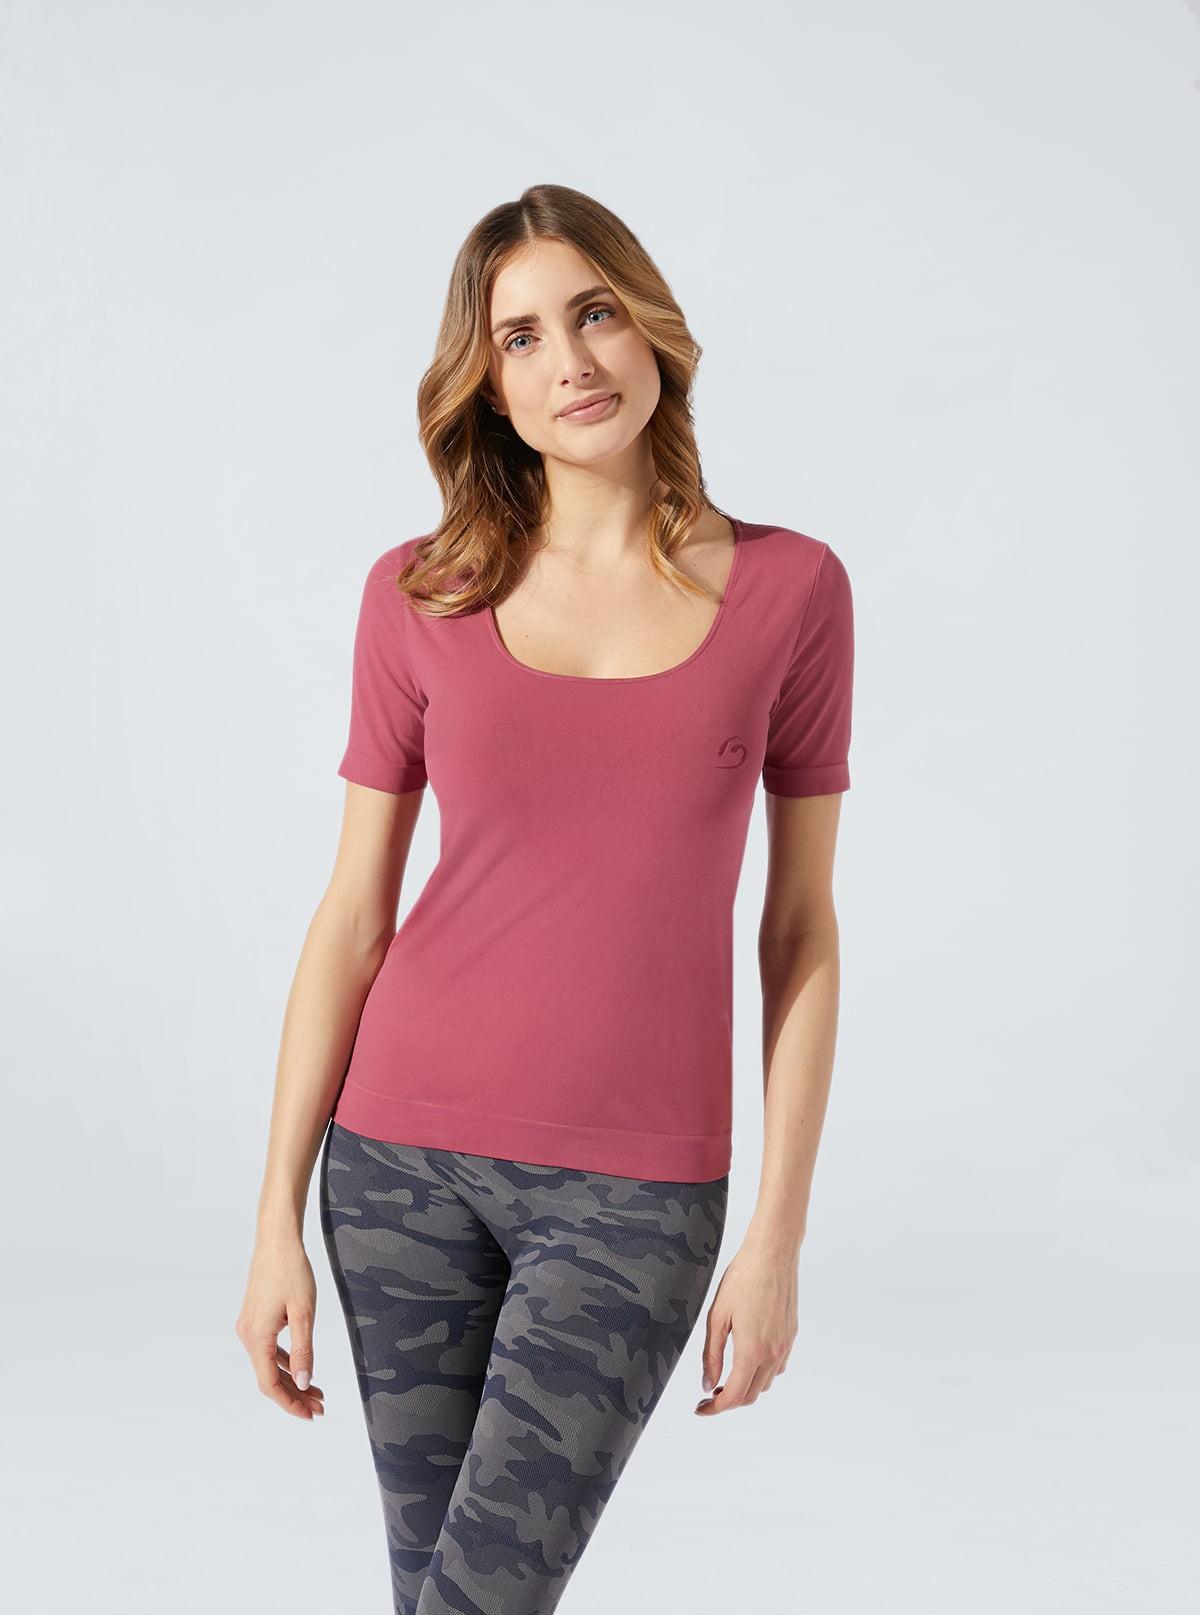 T-Shirt confort à manches courtes, coloré et hydratant